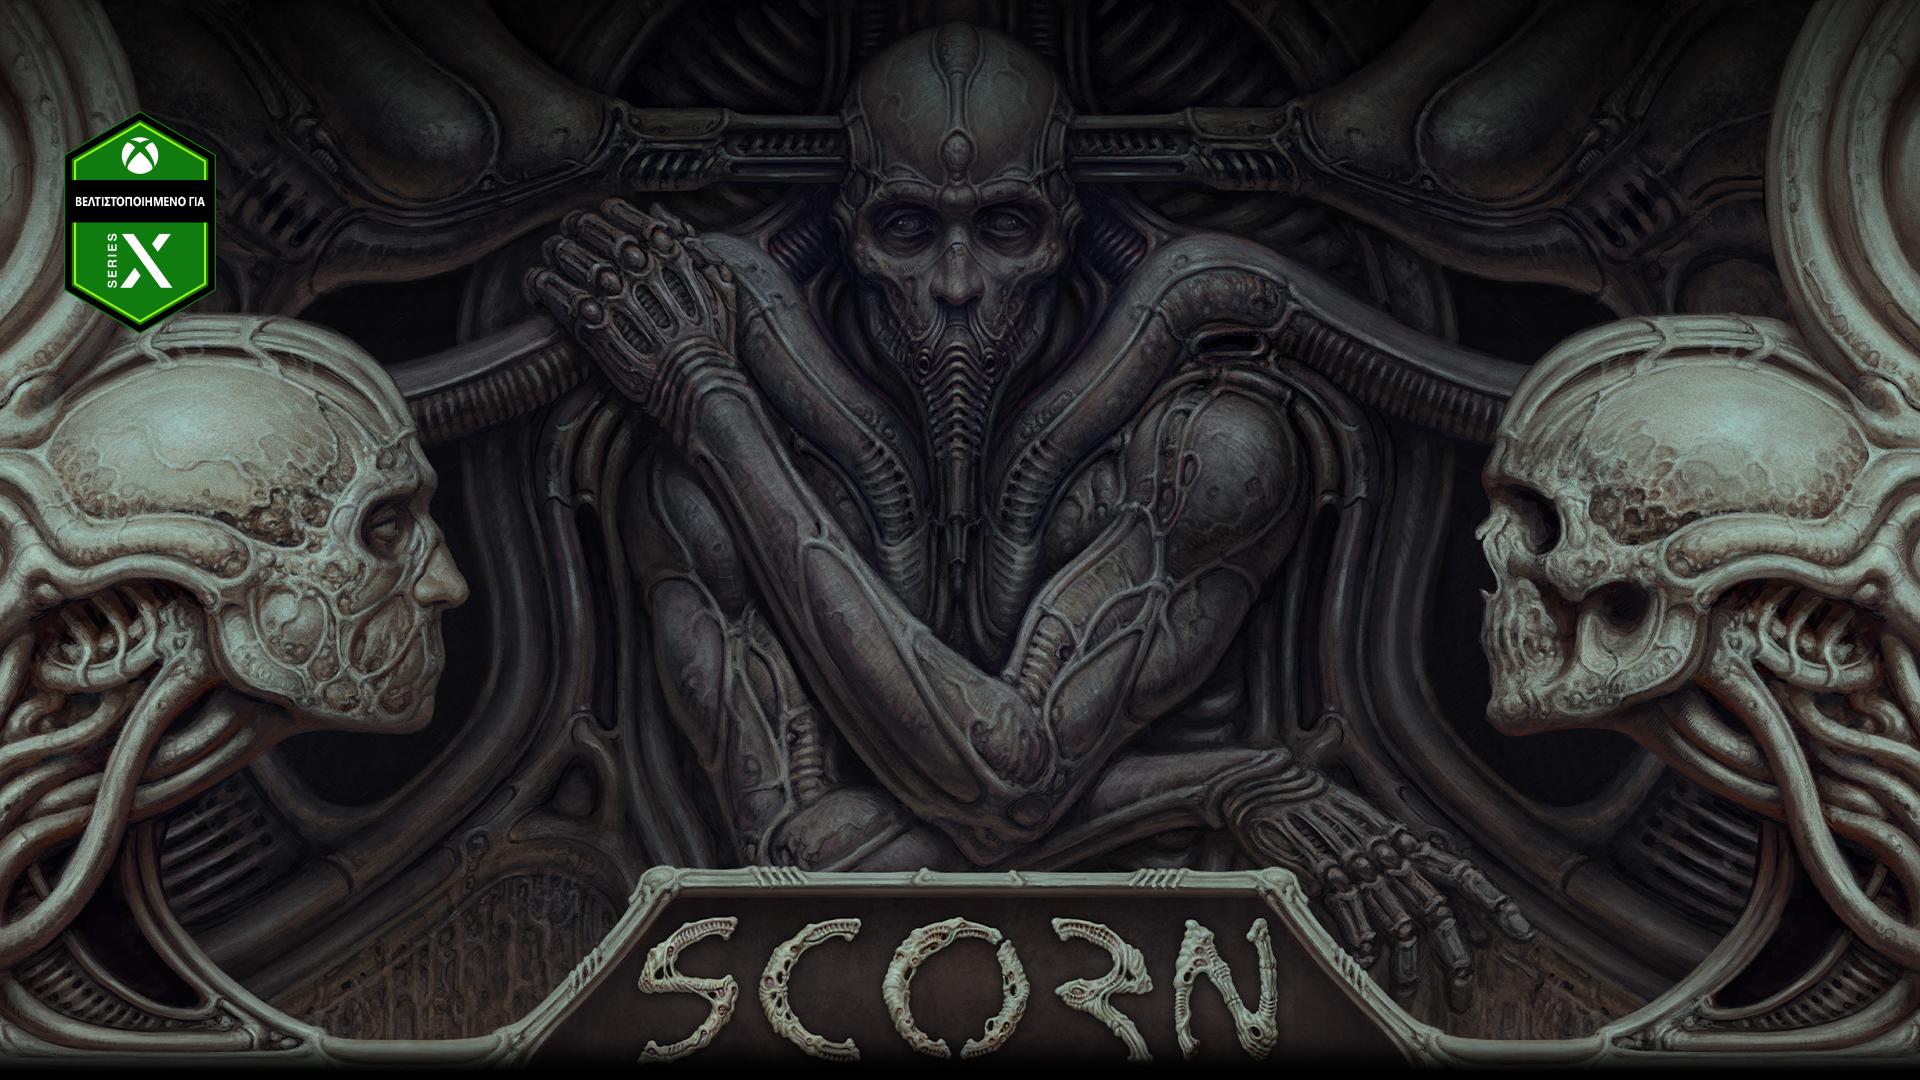 Χαρακτήρας από το Scorn, εγκλωβισμένος σε τοίχο μεταξύ δύο κρανίων.